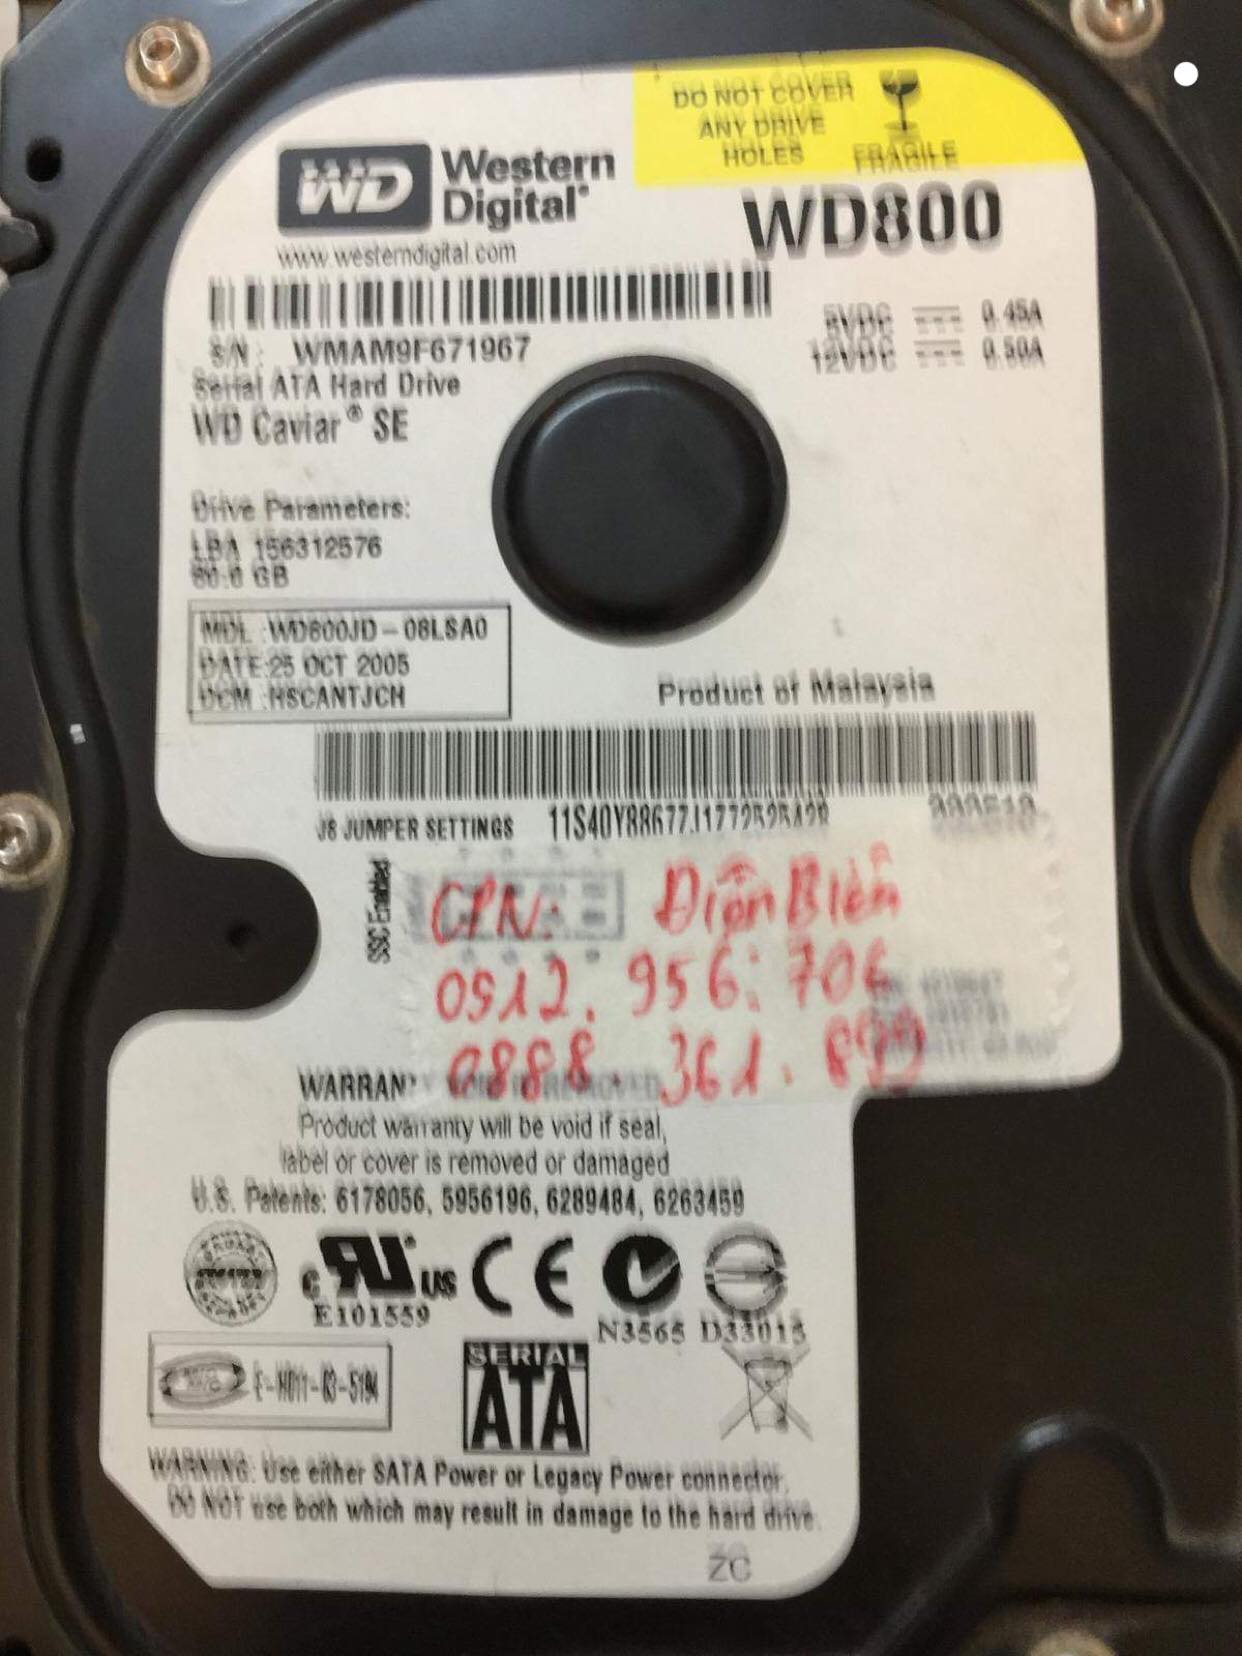 Cứu dữ liệu ổ cứng Western 80GB lỗi đầu đọc tại Điện Biên 25/12/218 - cuumaytinh